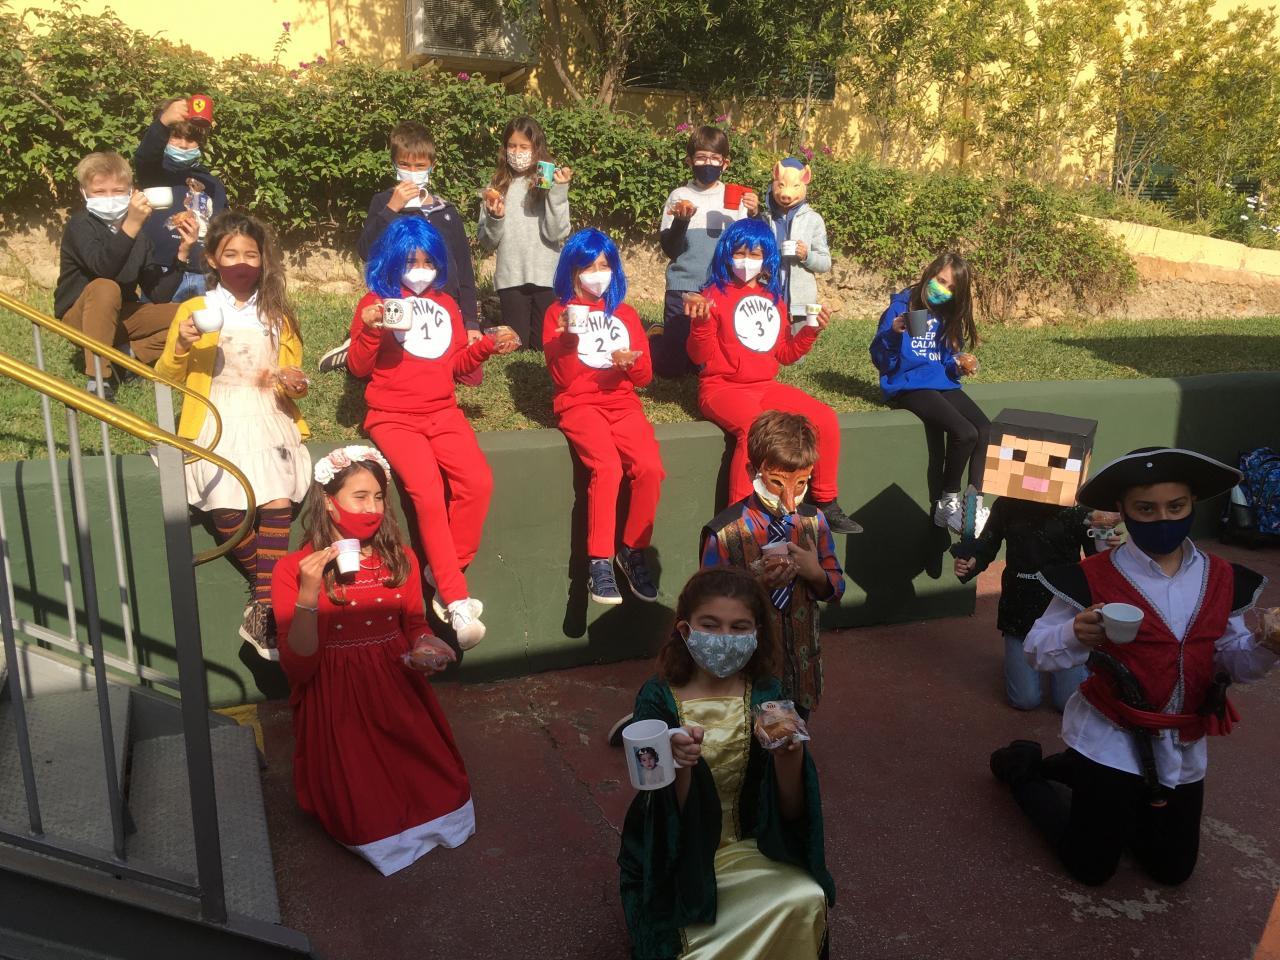 Queen's College school costumes